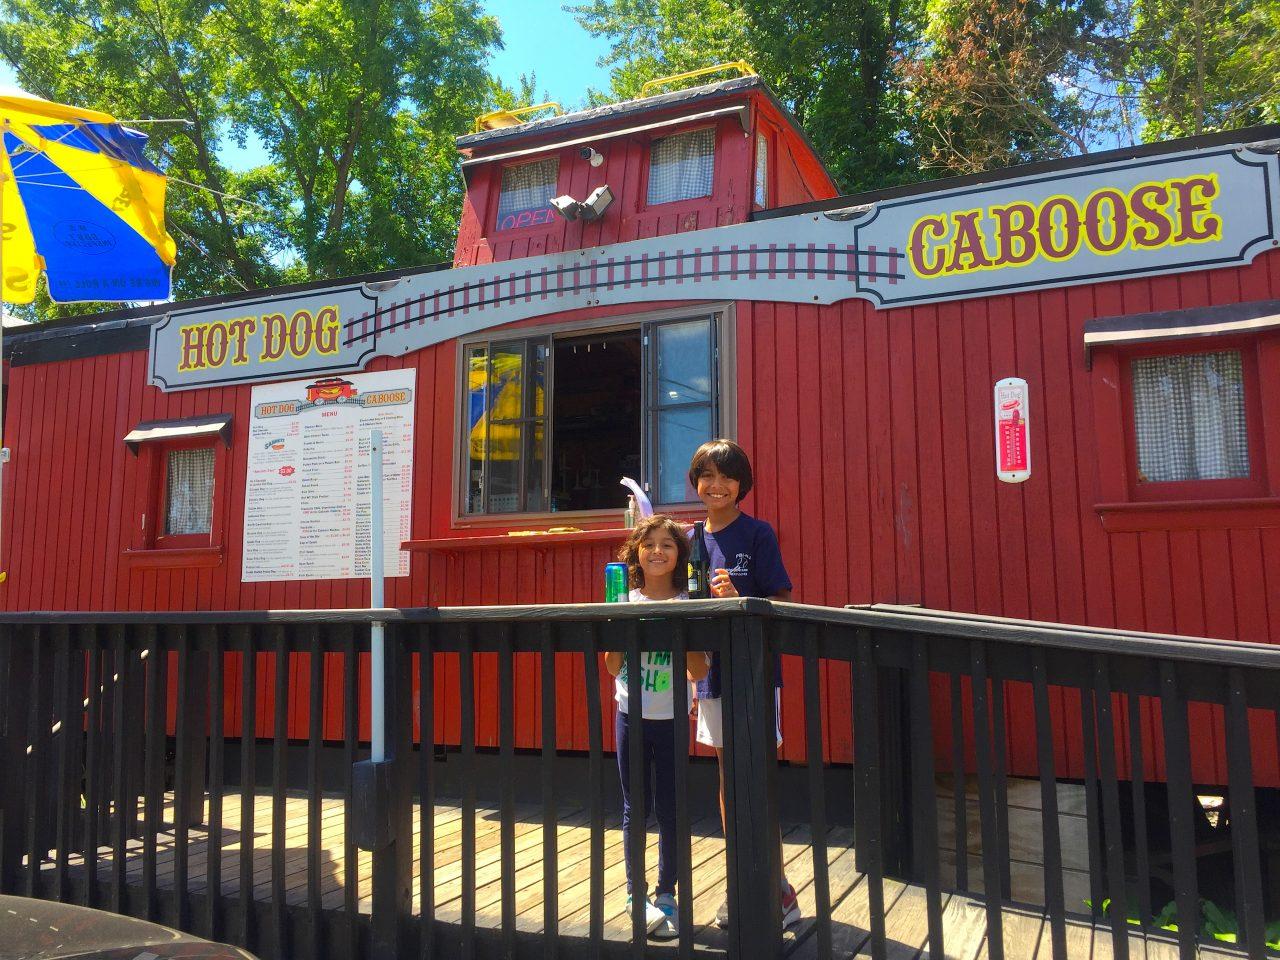 Caboose Restaurantt